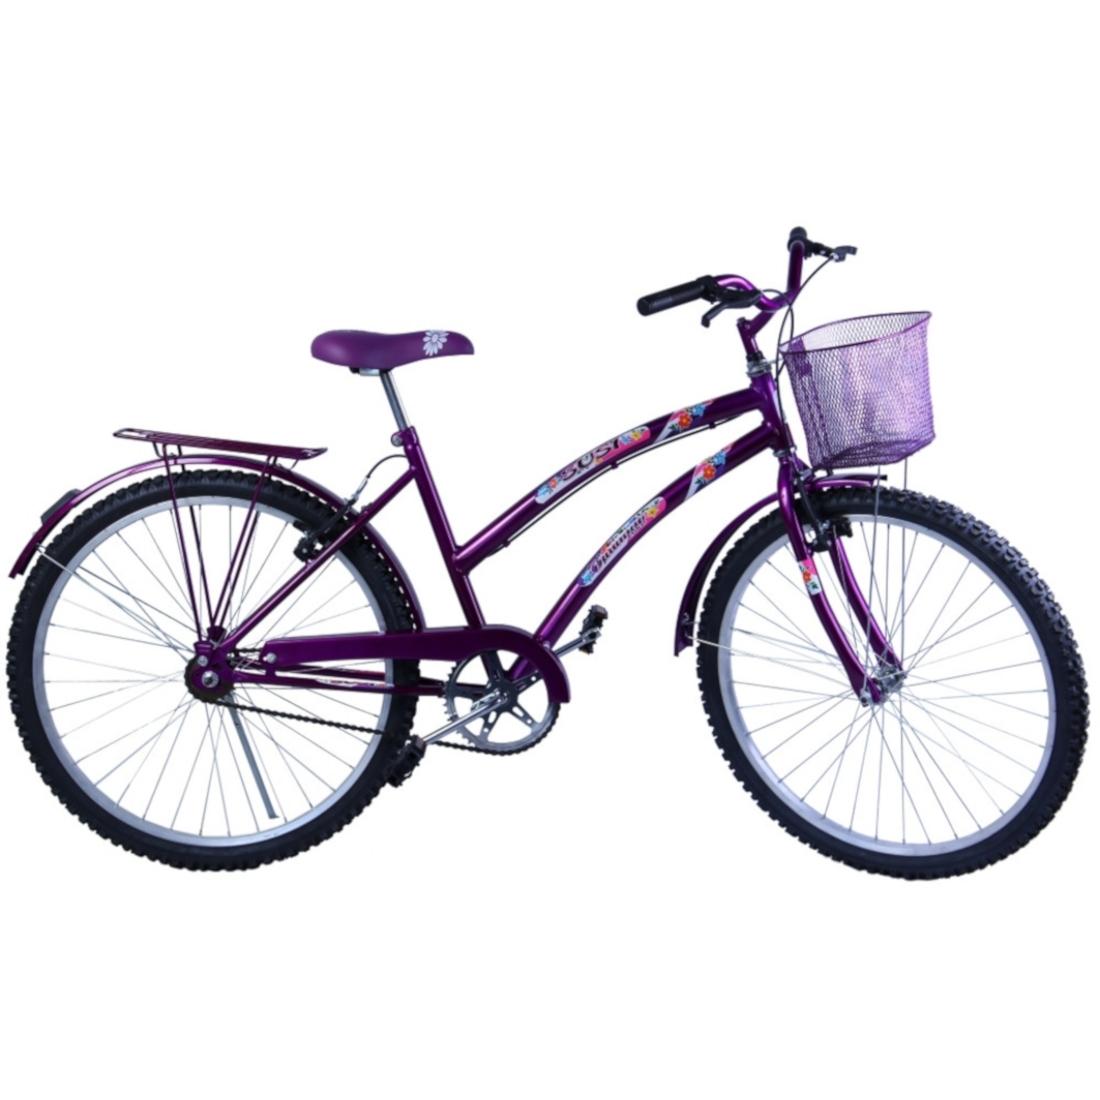 Bicicleta Feminina Aro 26 com cestinha Susi Violeta